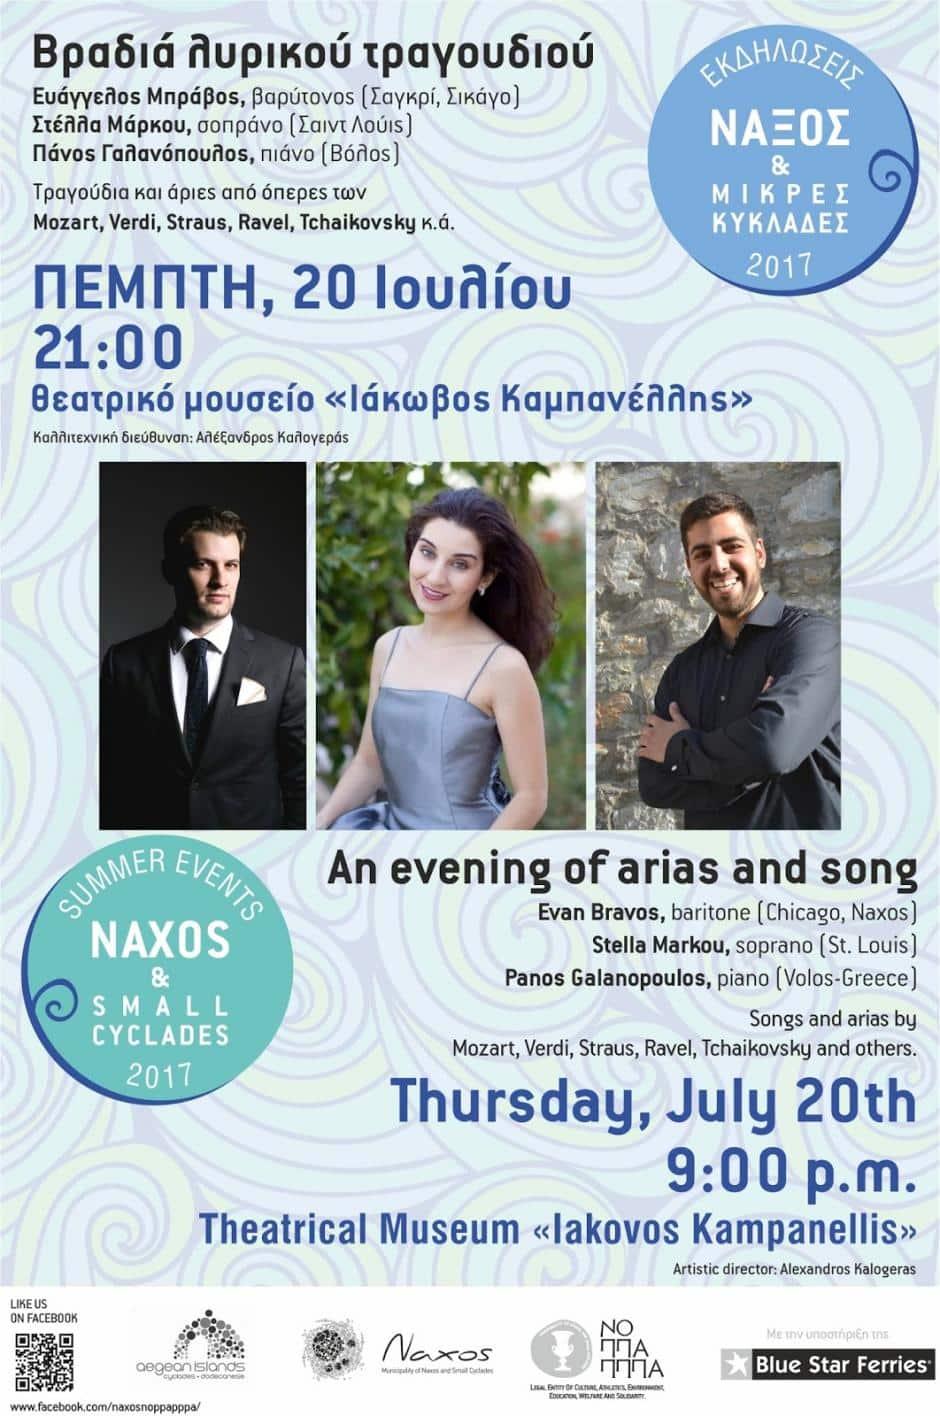 Βραδιά λυρικού τραγουδιού στη Νάξο την Πέμπτη 20 Ιουλίου